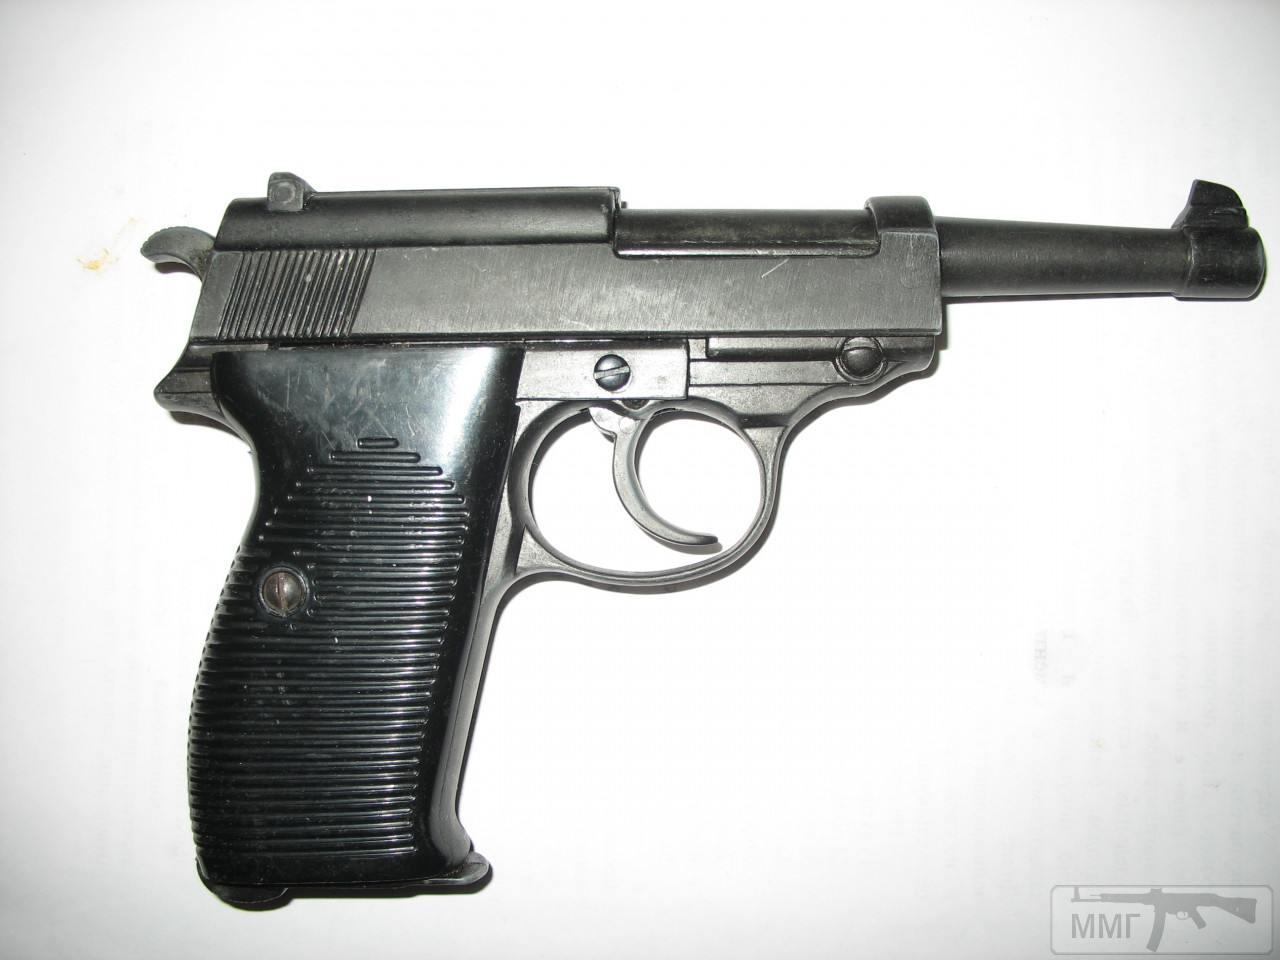 87558 - Шукаю репліки пістолетів